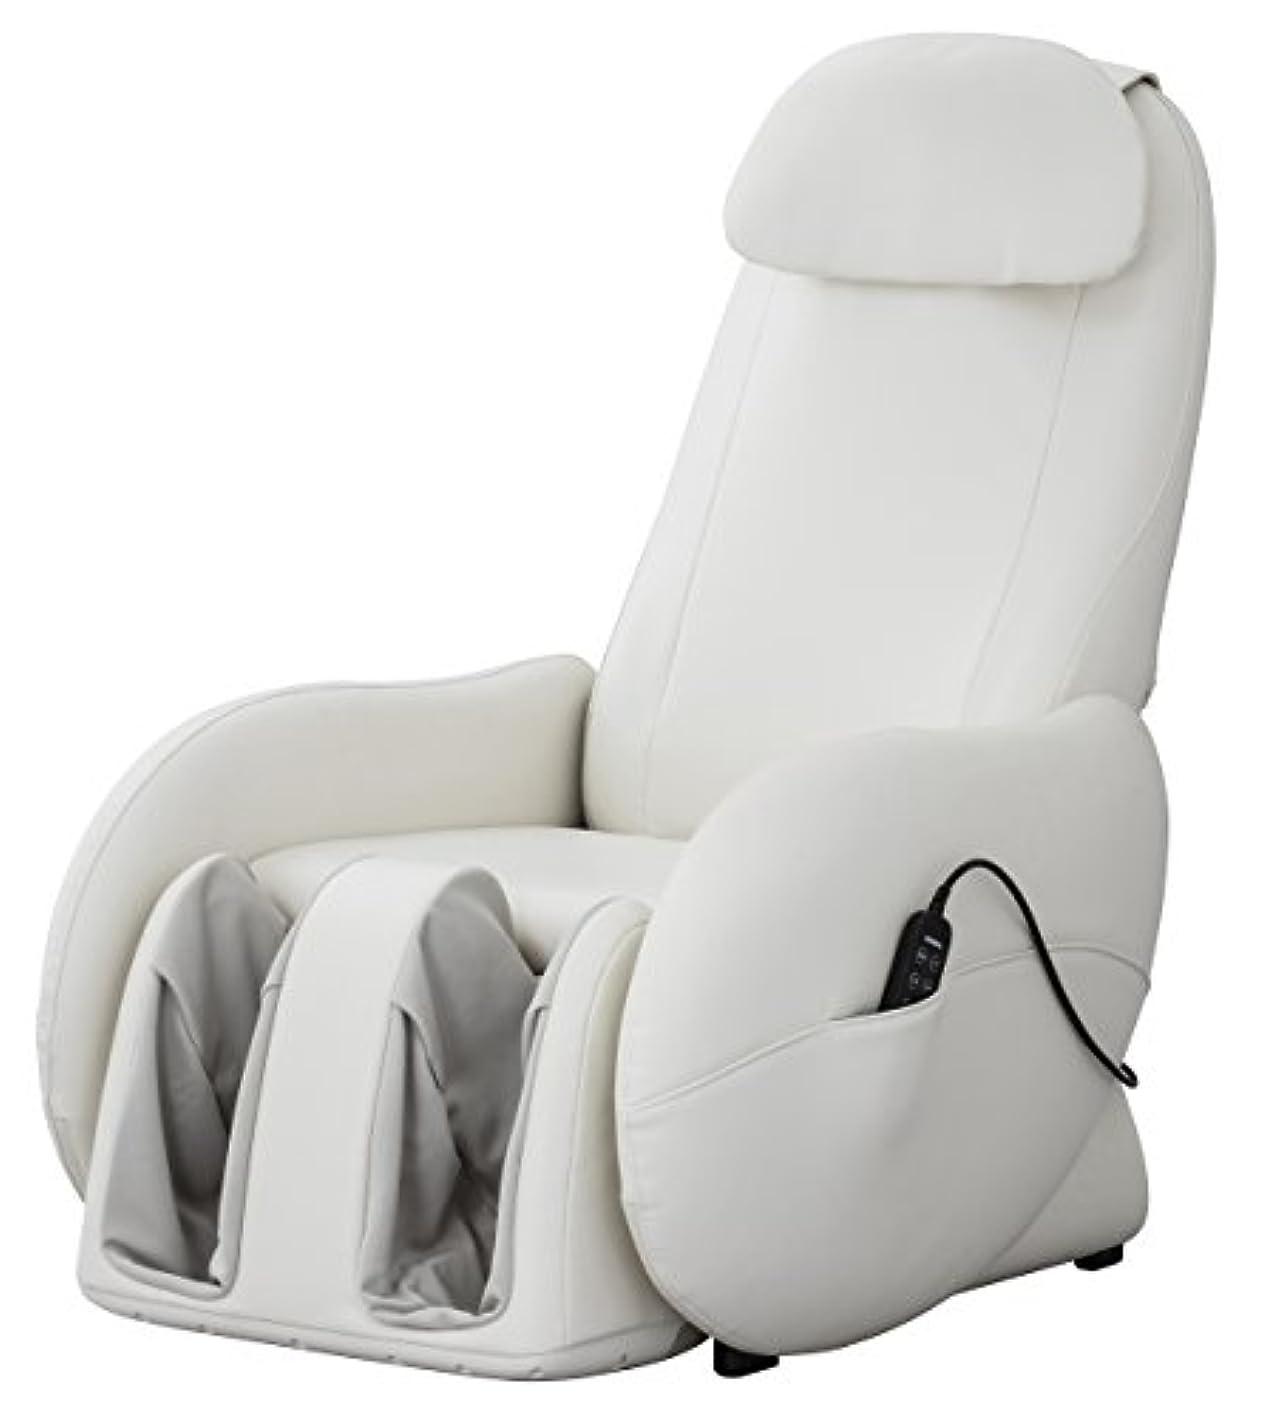 死傷者間成長スライヴ くつろぎ指定席Light マッサージチェア CHD-3700WH ホワイト 正規品 おしゃれ コンパクト 小型